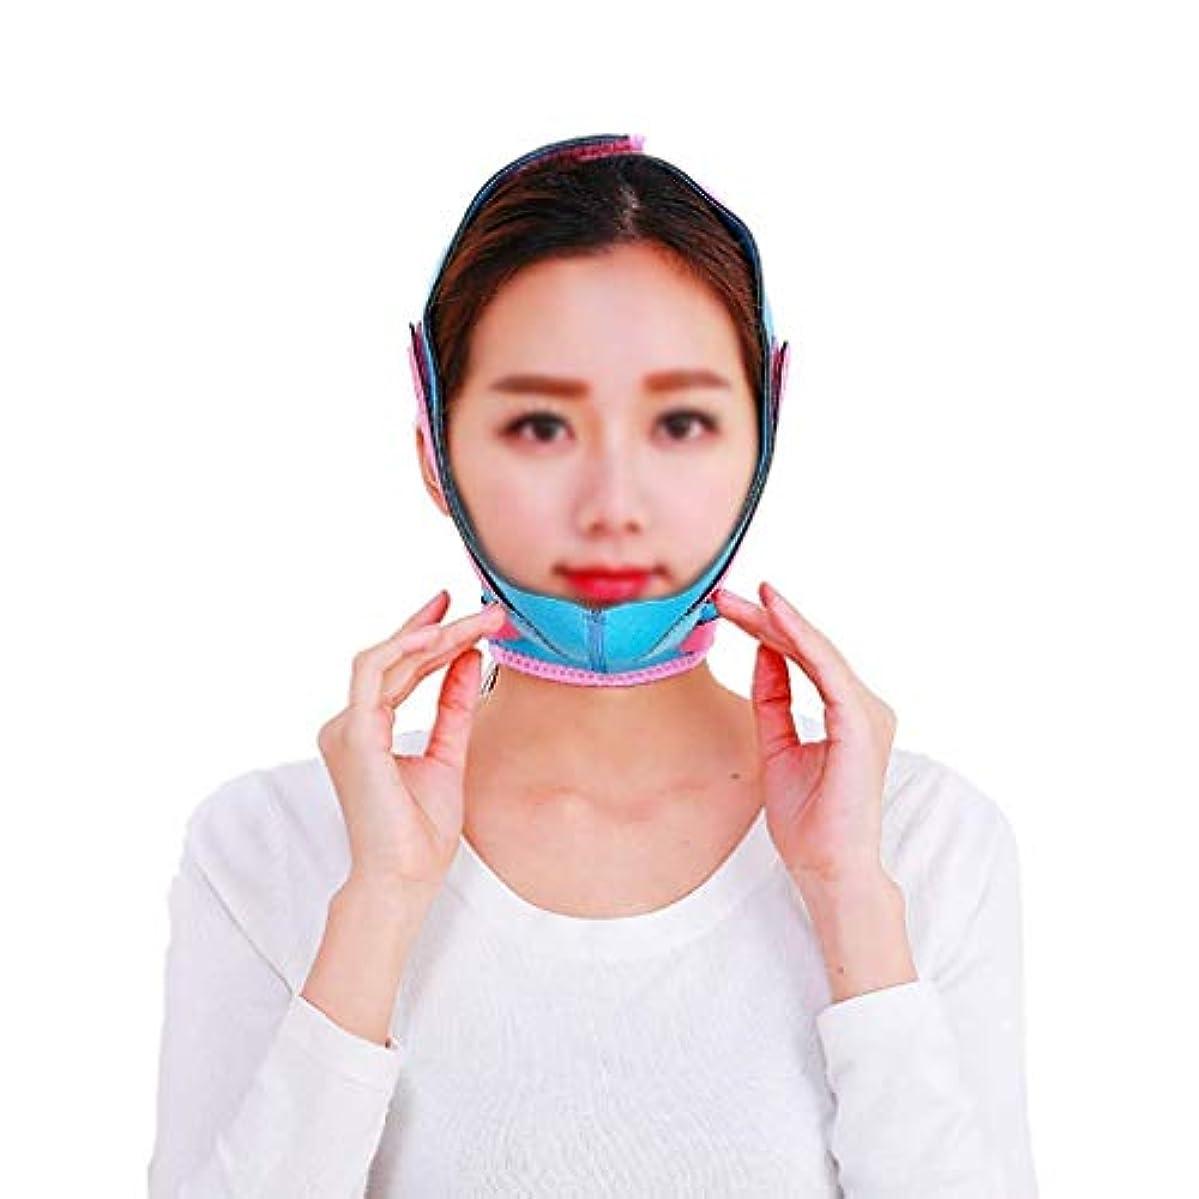 メイエラコンペ維持する顔と首のリフト、男性と女性のフェイスリフトアーティファクトシュリンクマスクを強化輪郭の救済ドループ筋肉引き締め肌弾性V顔包帯